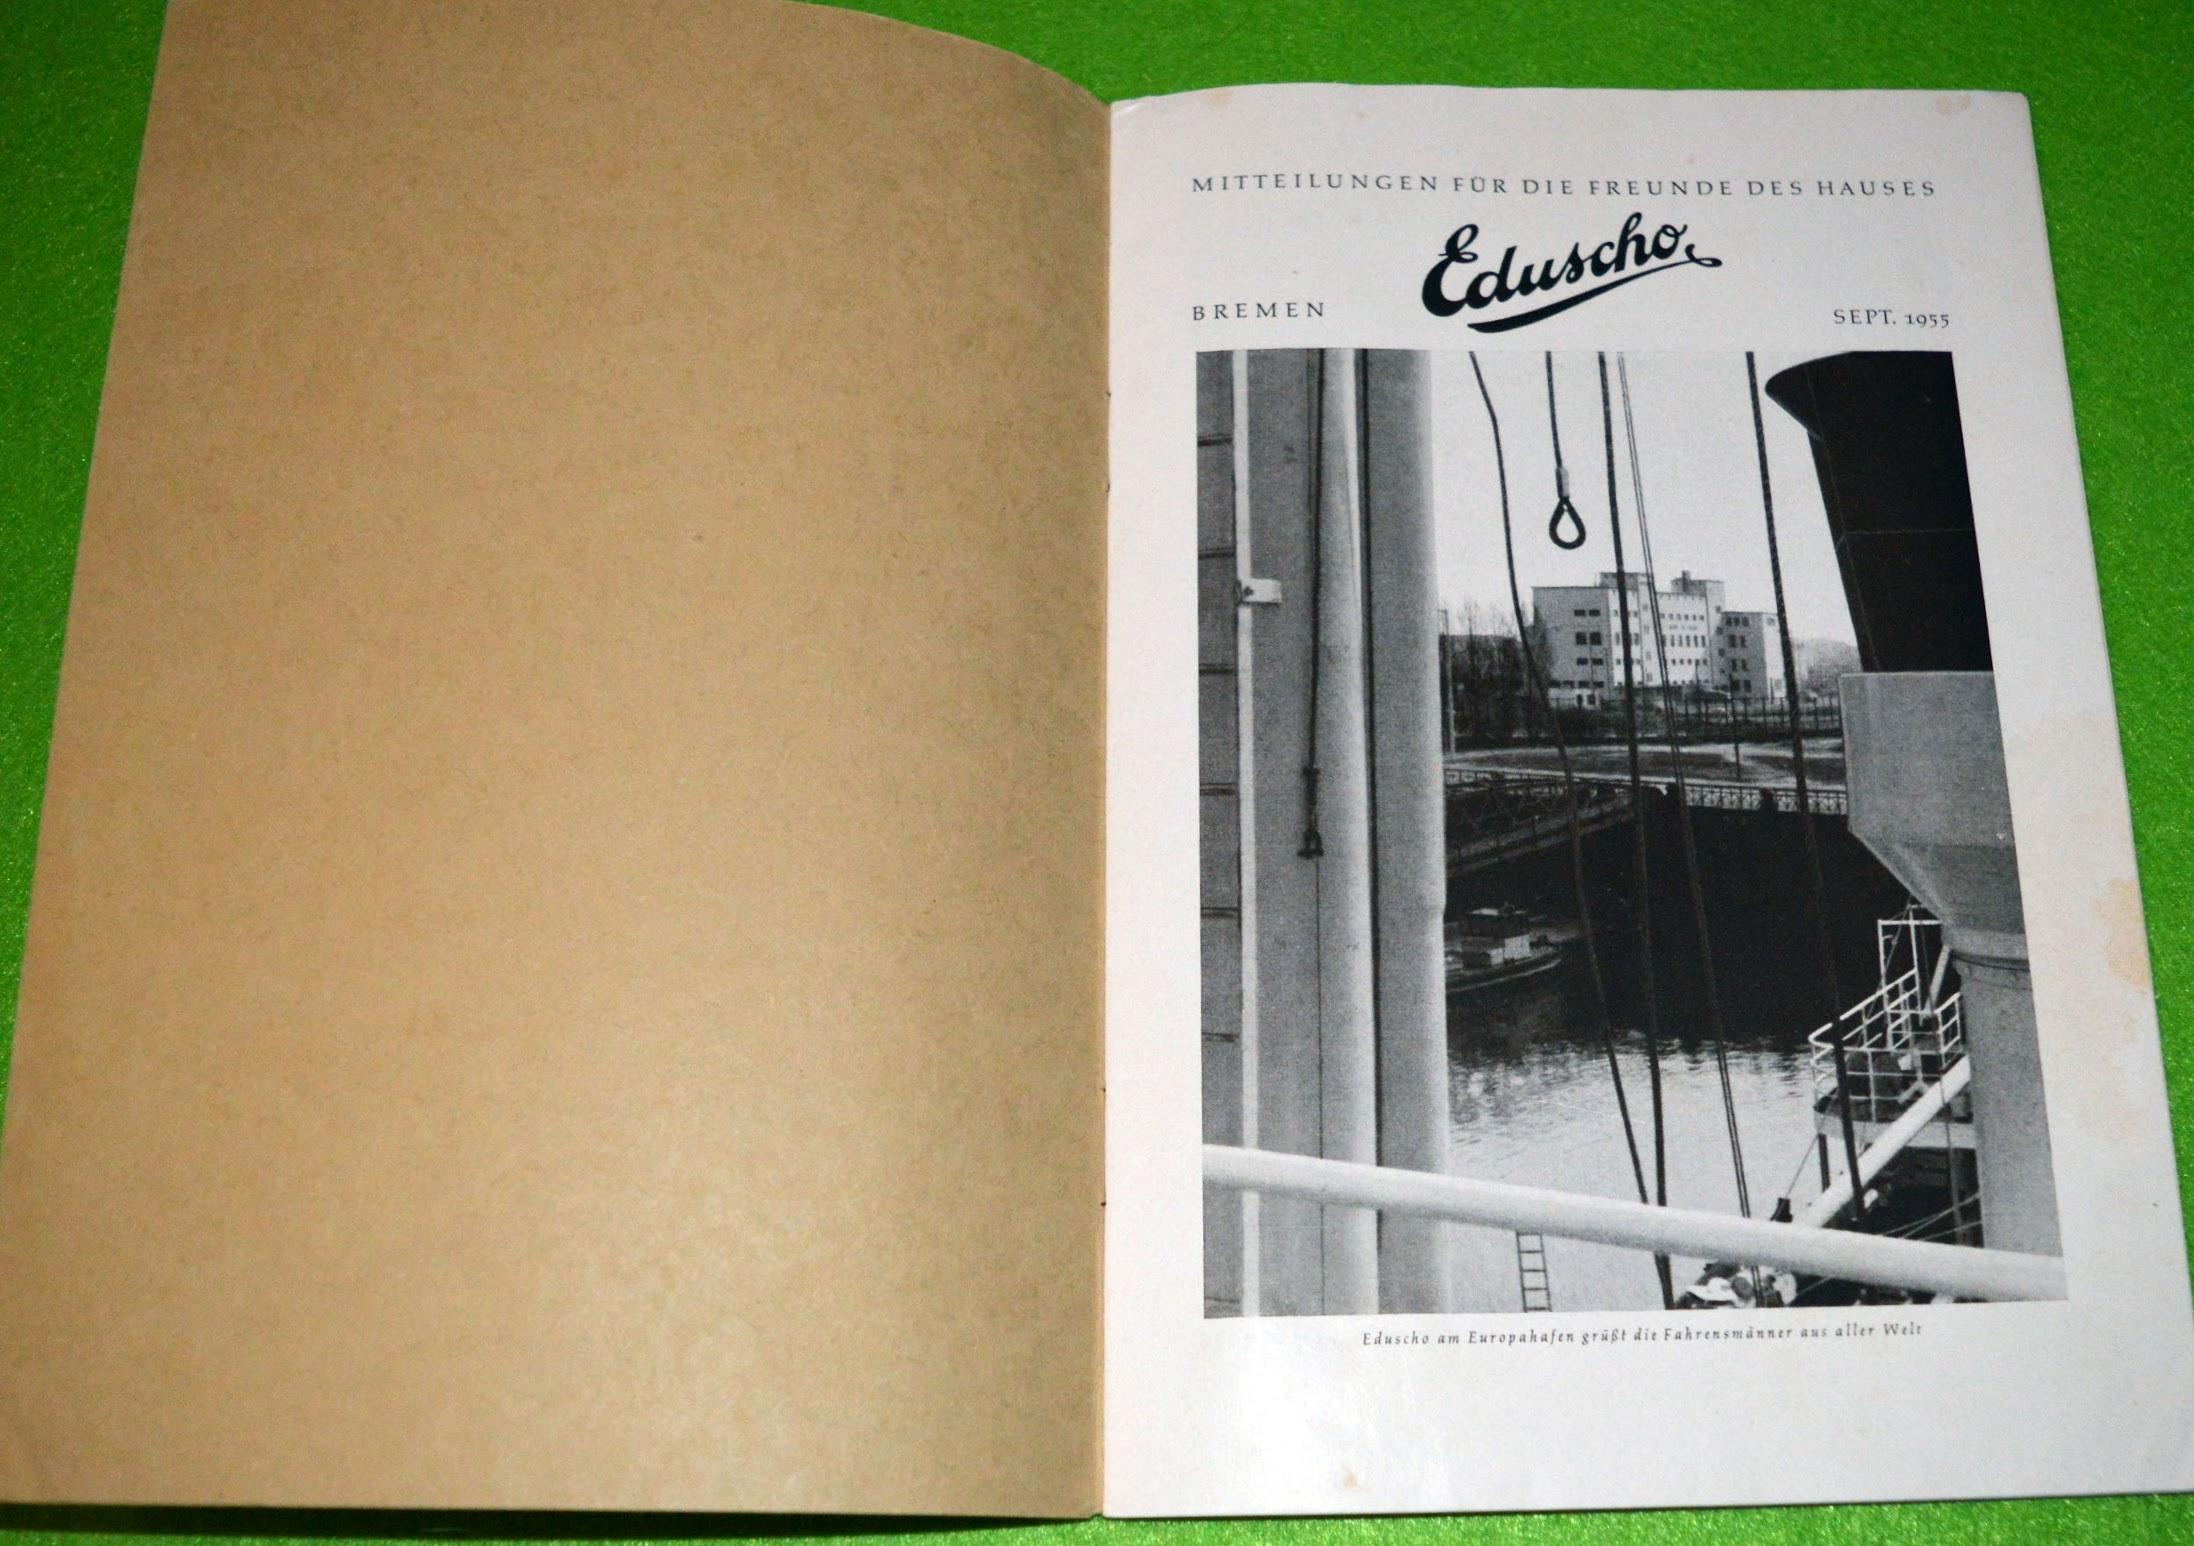 Mitteilungen für die Freunde des Hauses - Eduscho-Zeitung - 1955